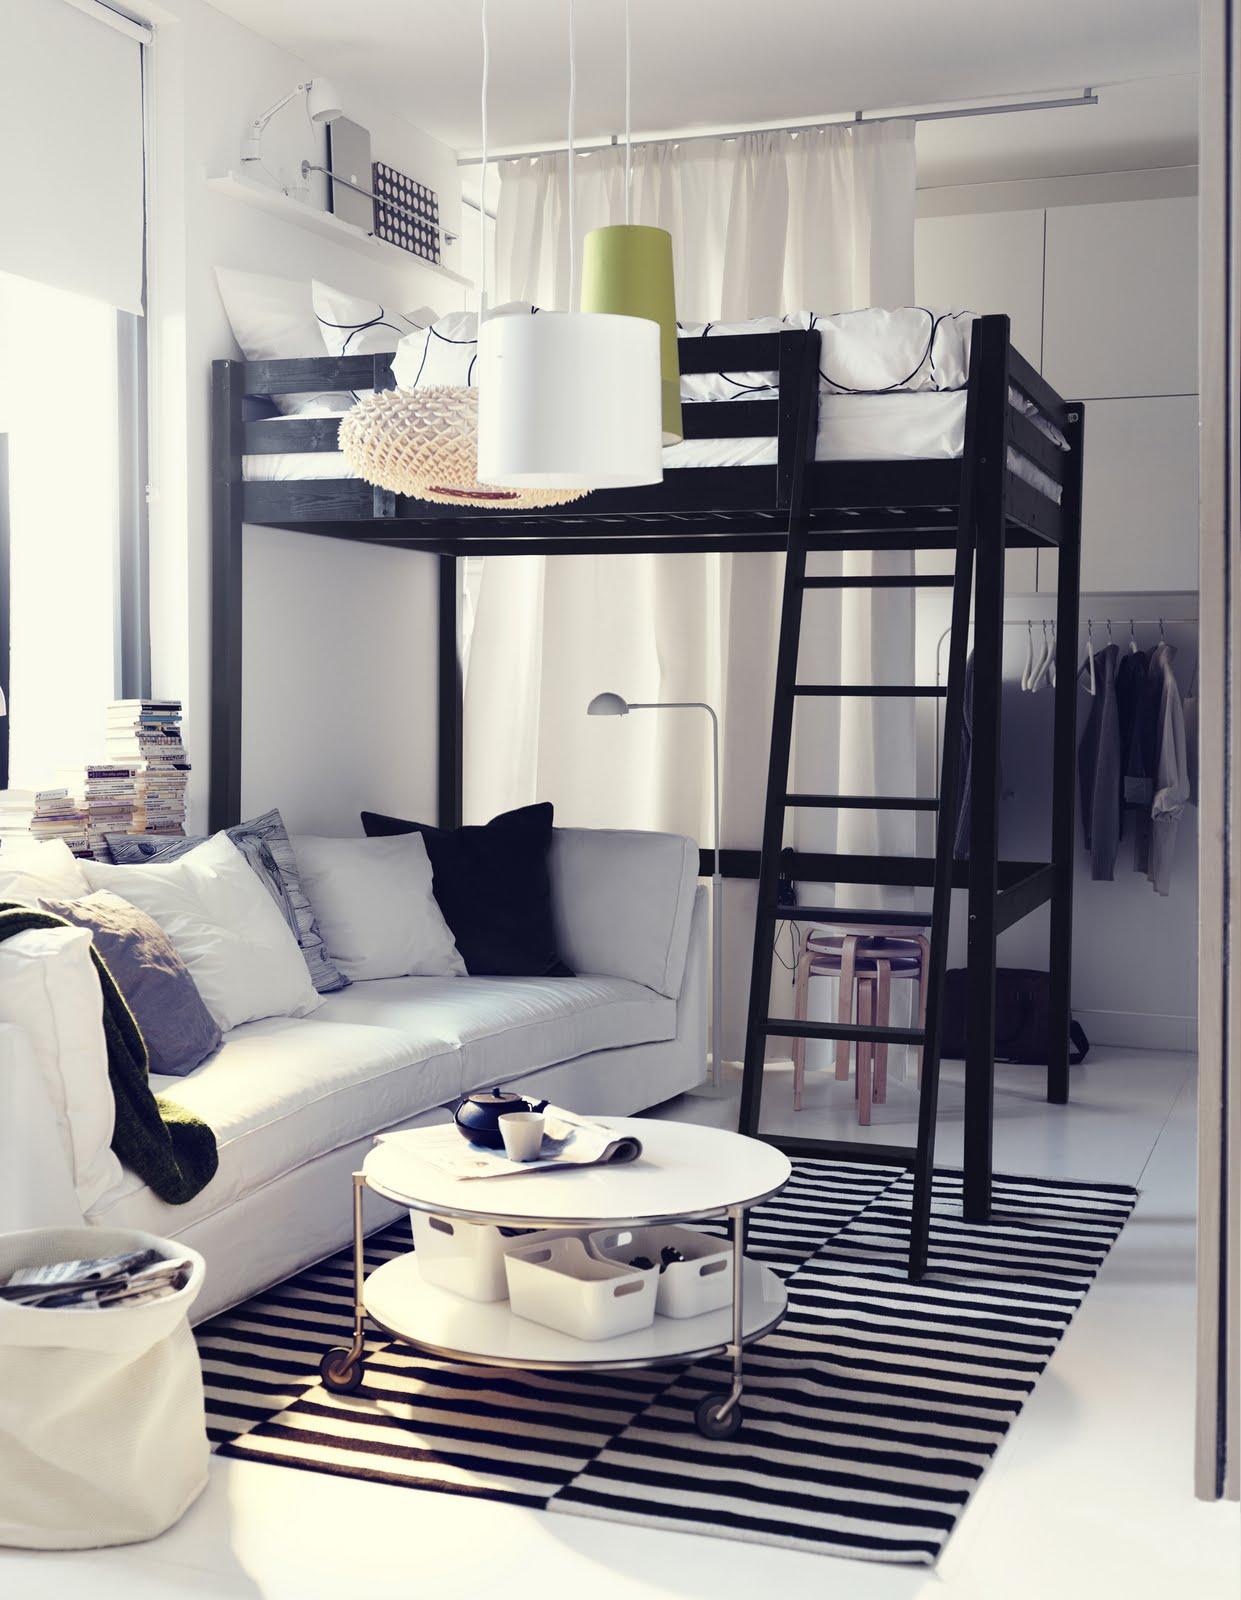 Madeleine Home Katalog Ikea 2012